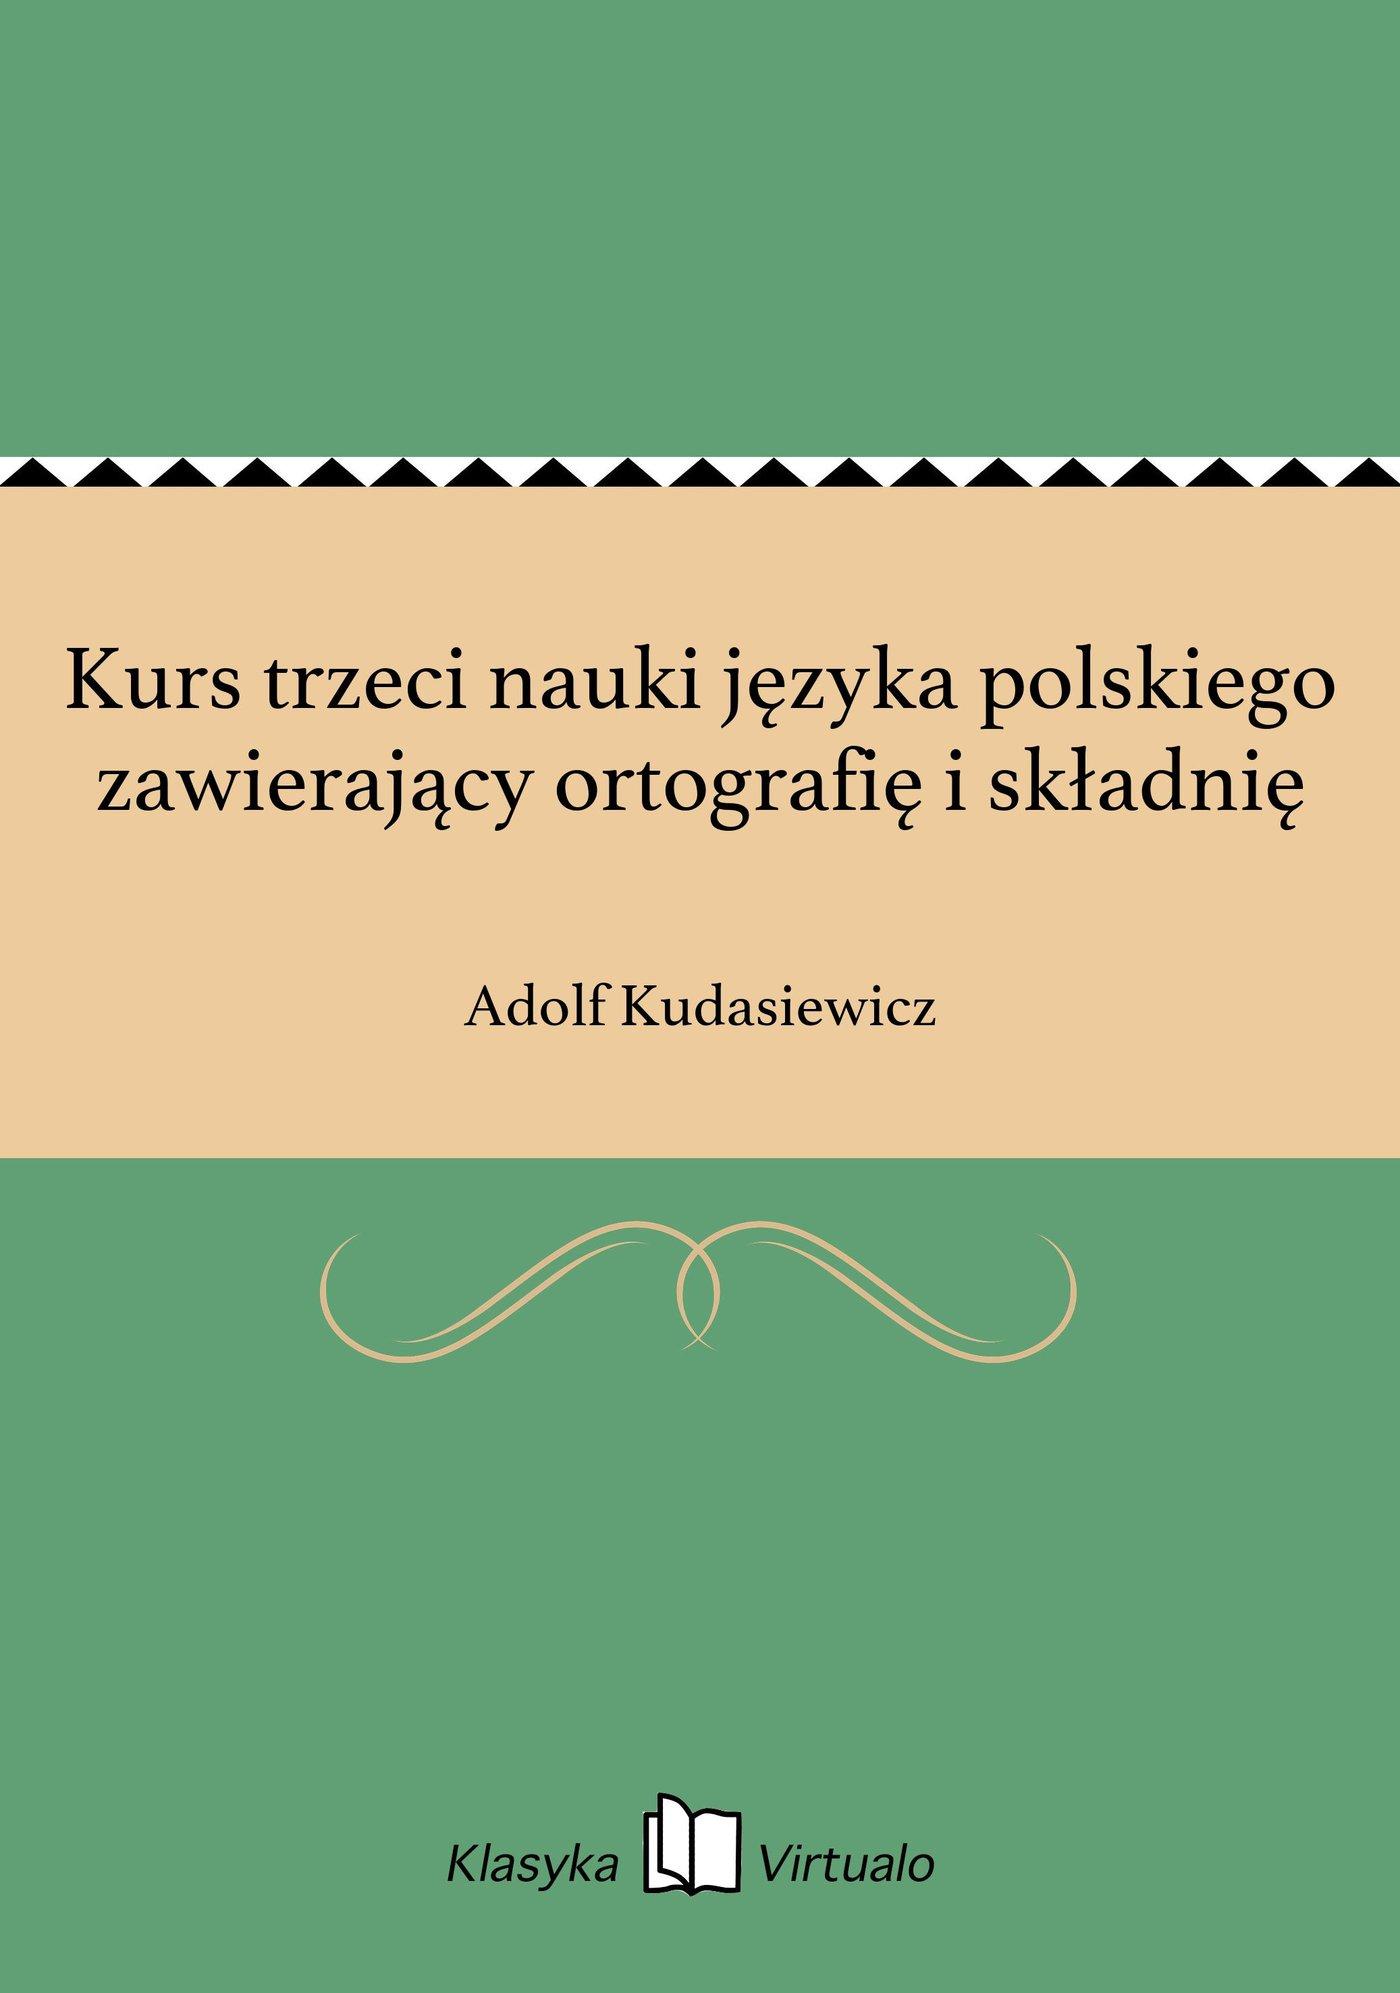 Kurs trzeci nauki języka polskiego zawierający ortografię i składnię - Ebook (Książka na Kindle) do pobrania w formacie MOBI